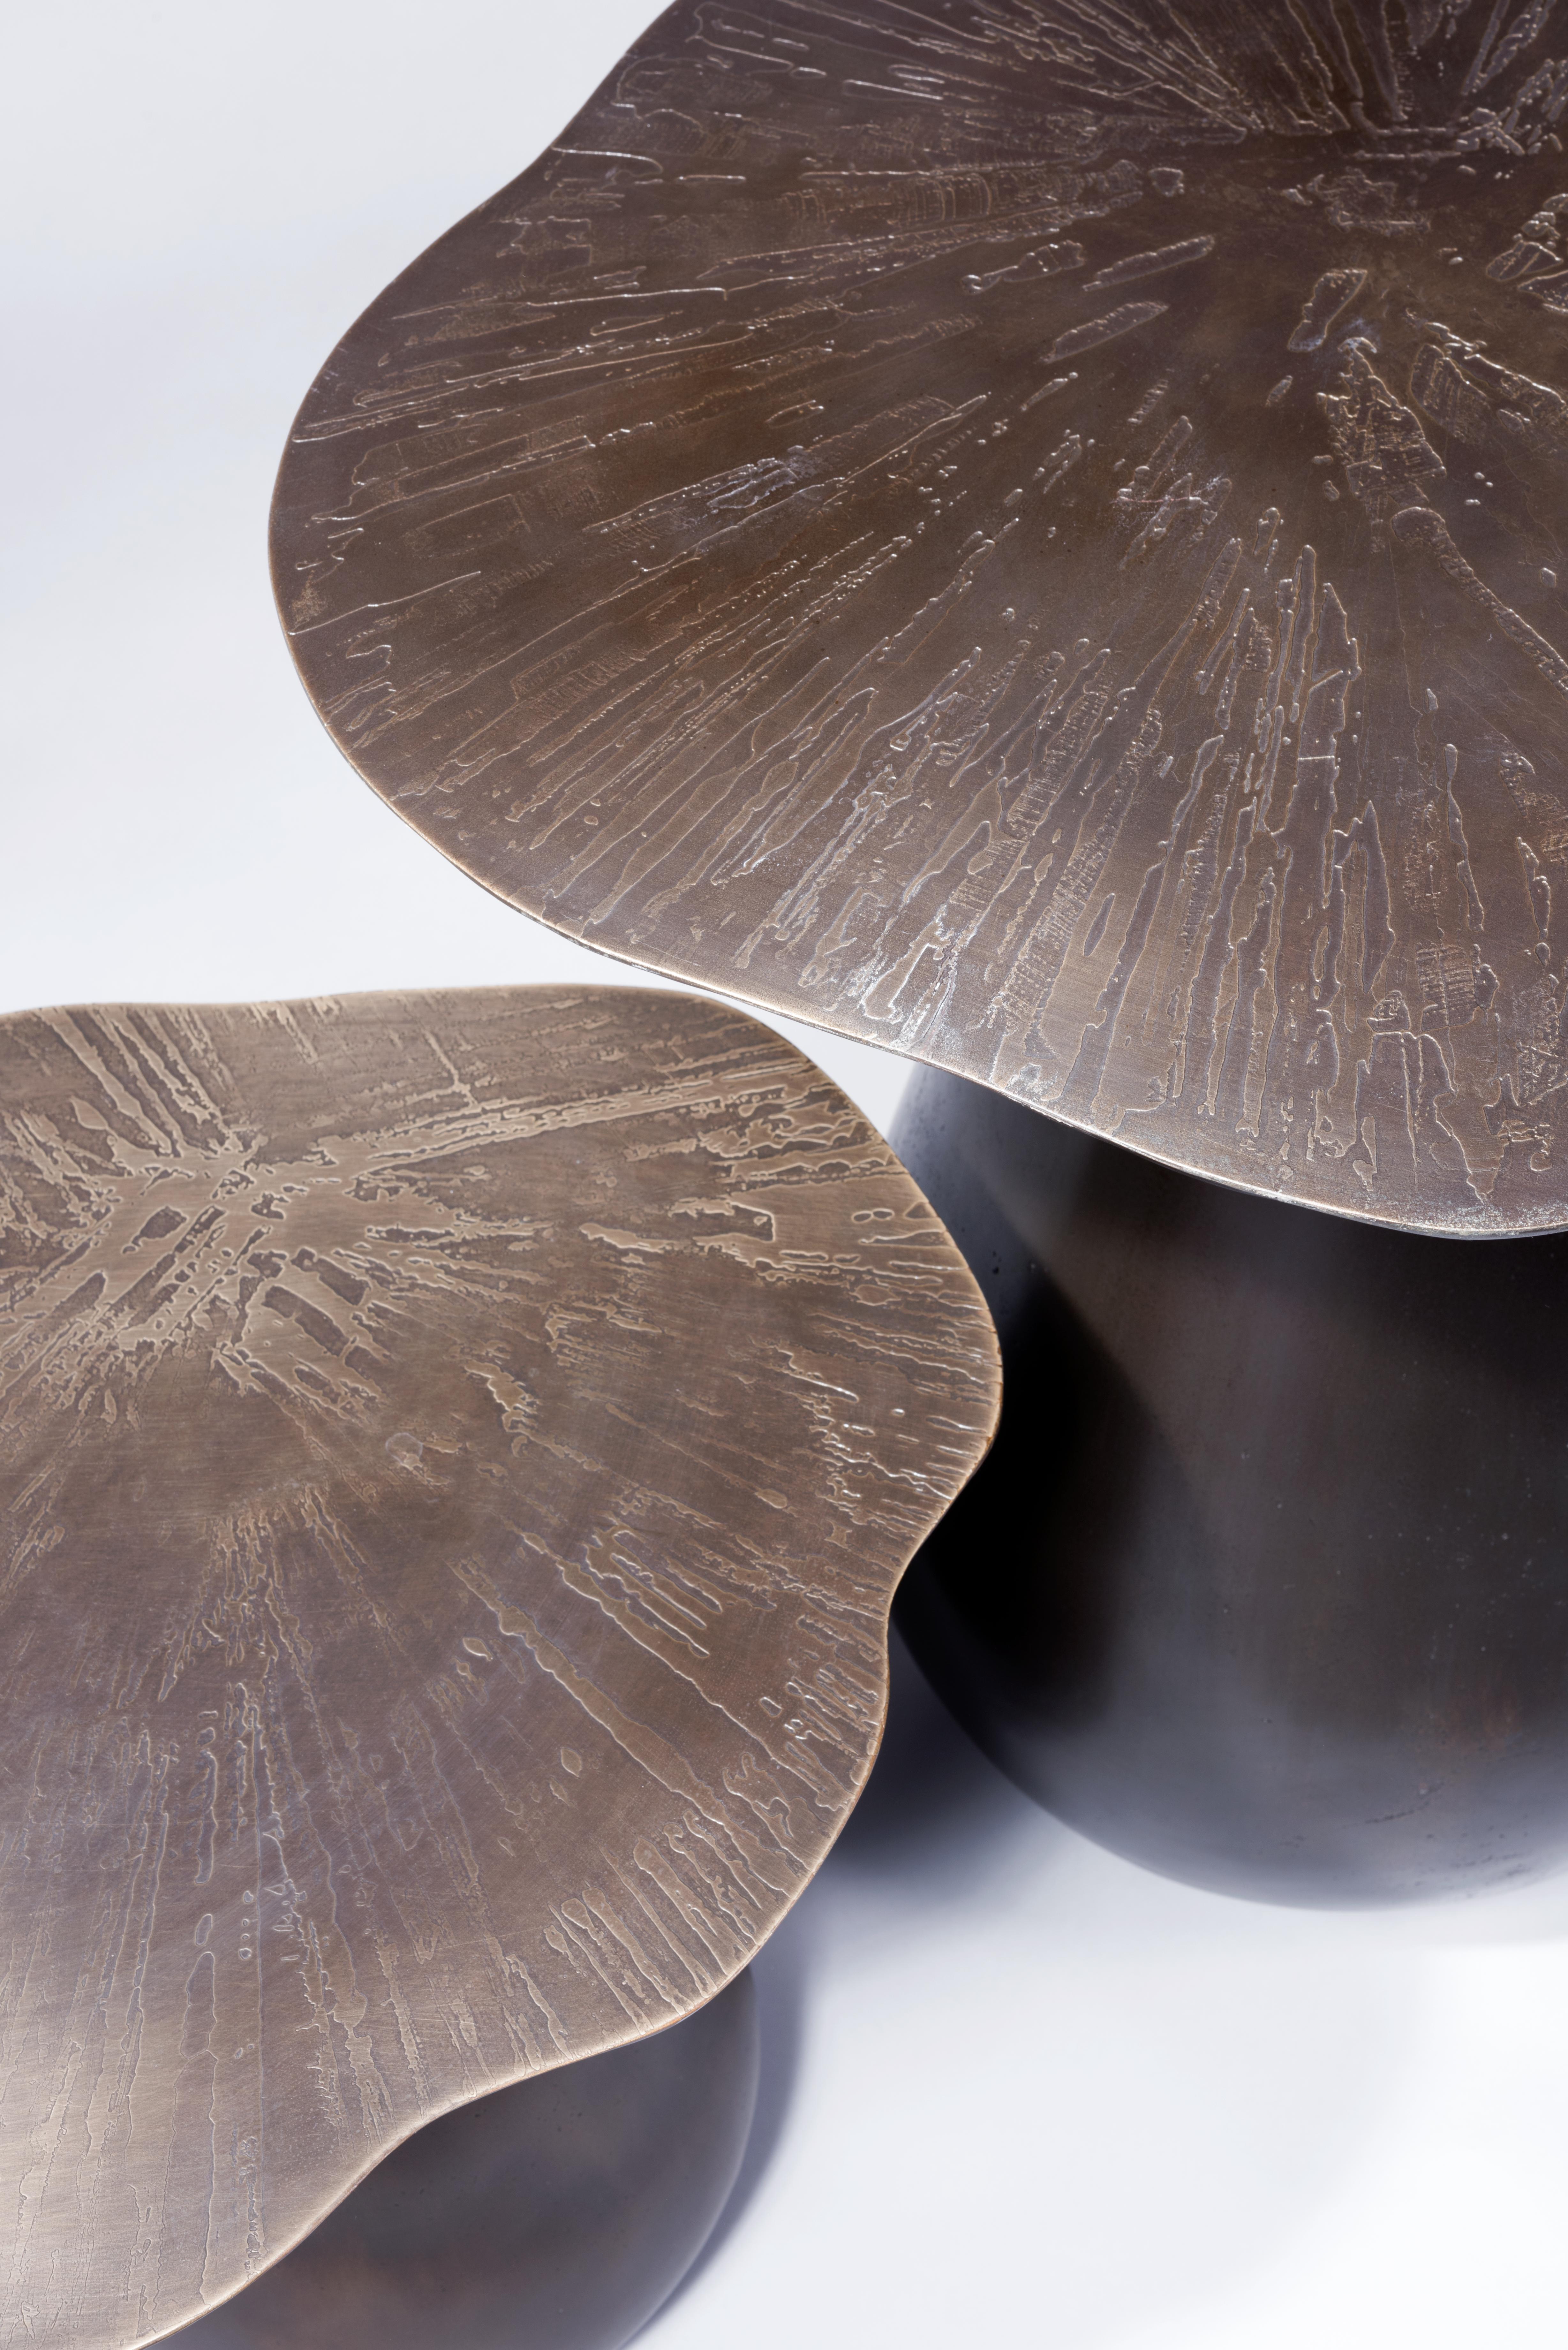 Tables d'appoint Mushrooms, série Organika, Emma Donnersberg Bronze gravé Existe en deux dimensions ainsi qu'en résine peinte à la main Petit modèle : D 40 cm, H 52 cm Grand modèle : D 56, H 62 cm Courtesy Galerie Gosserez